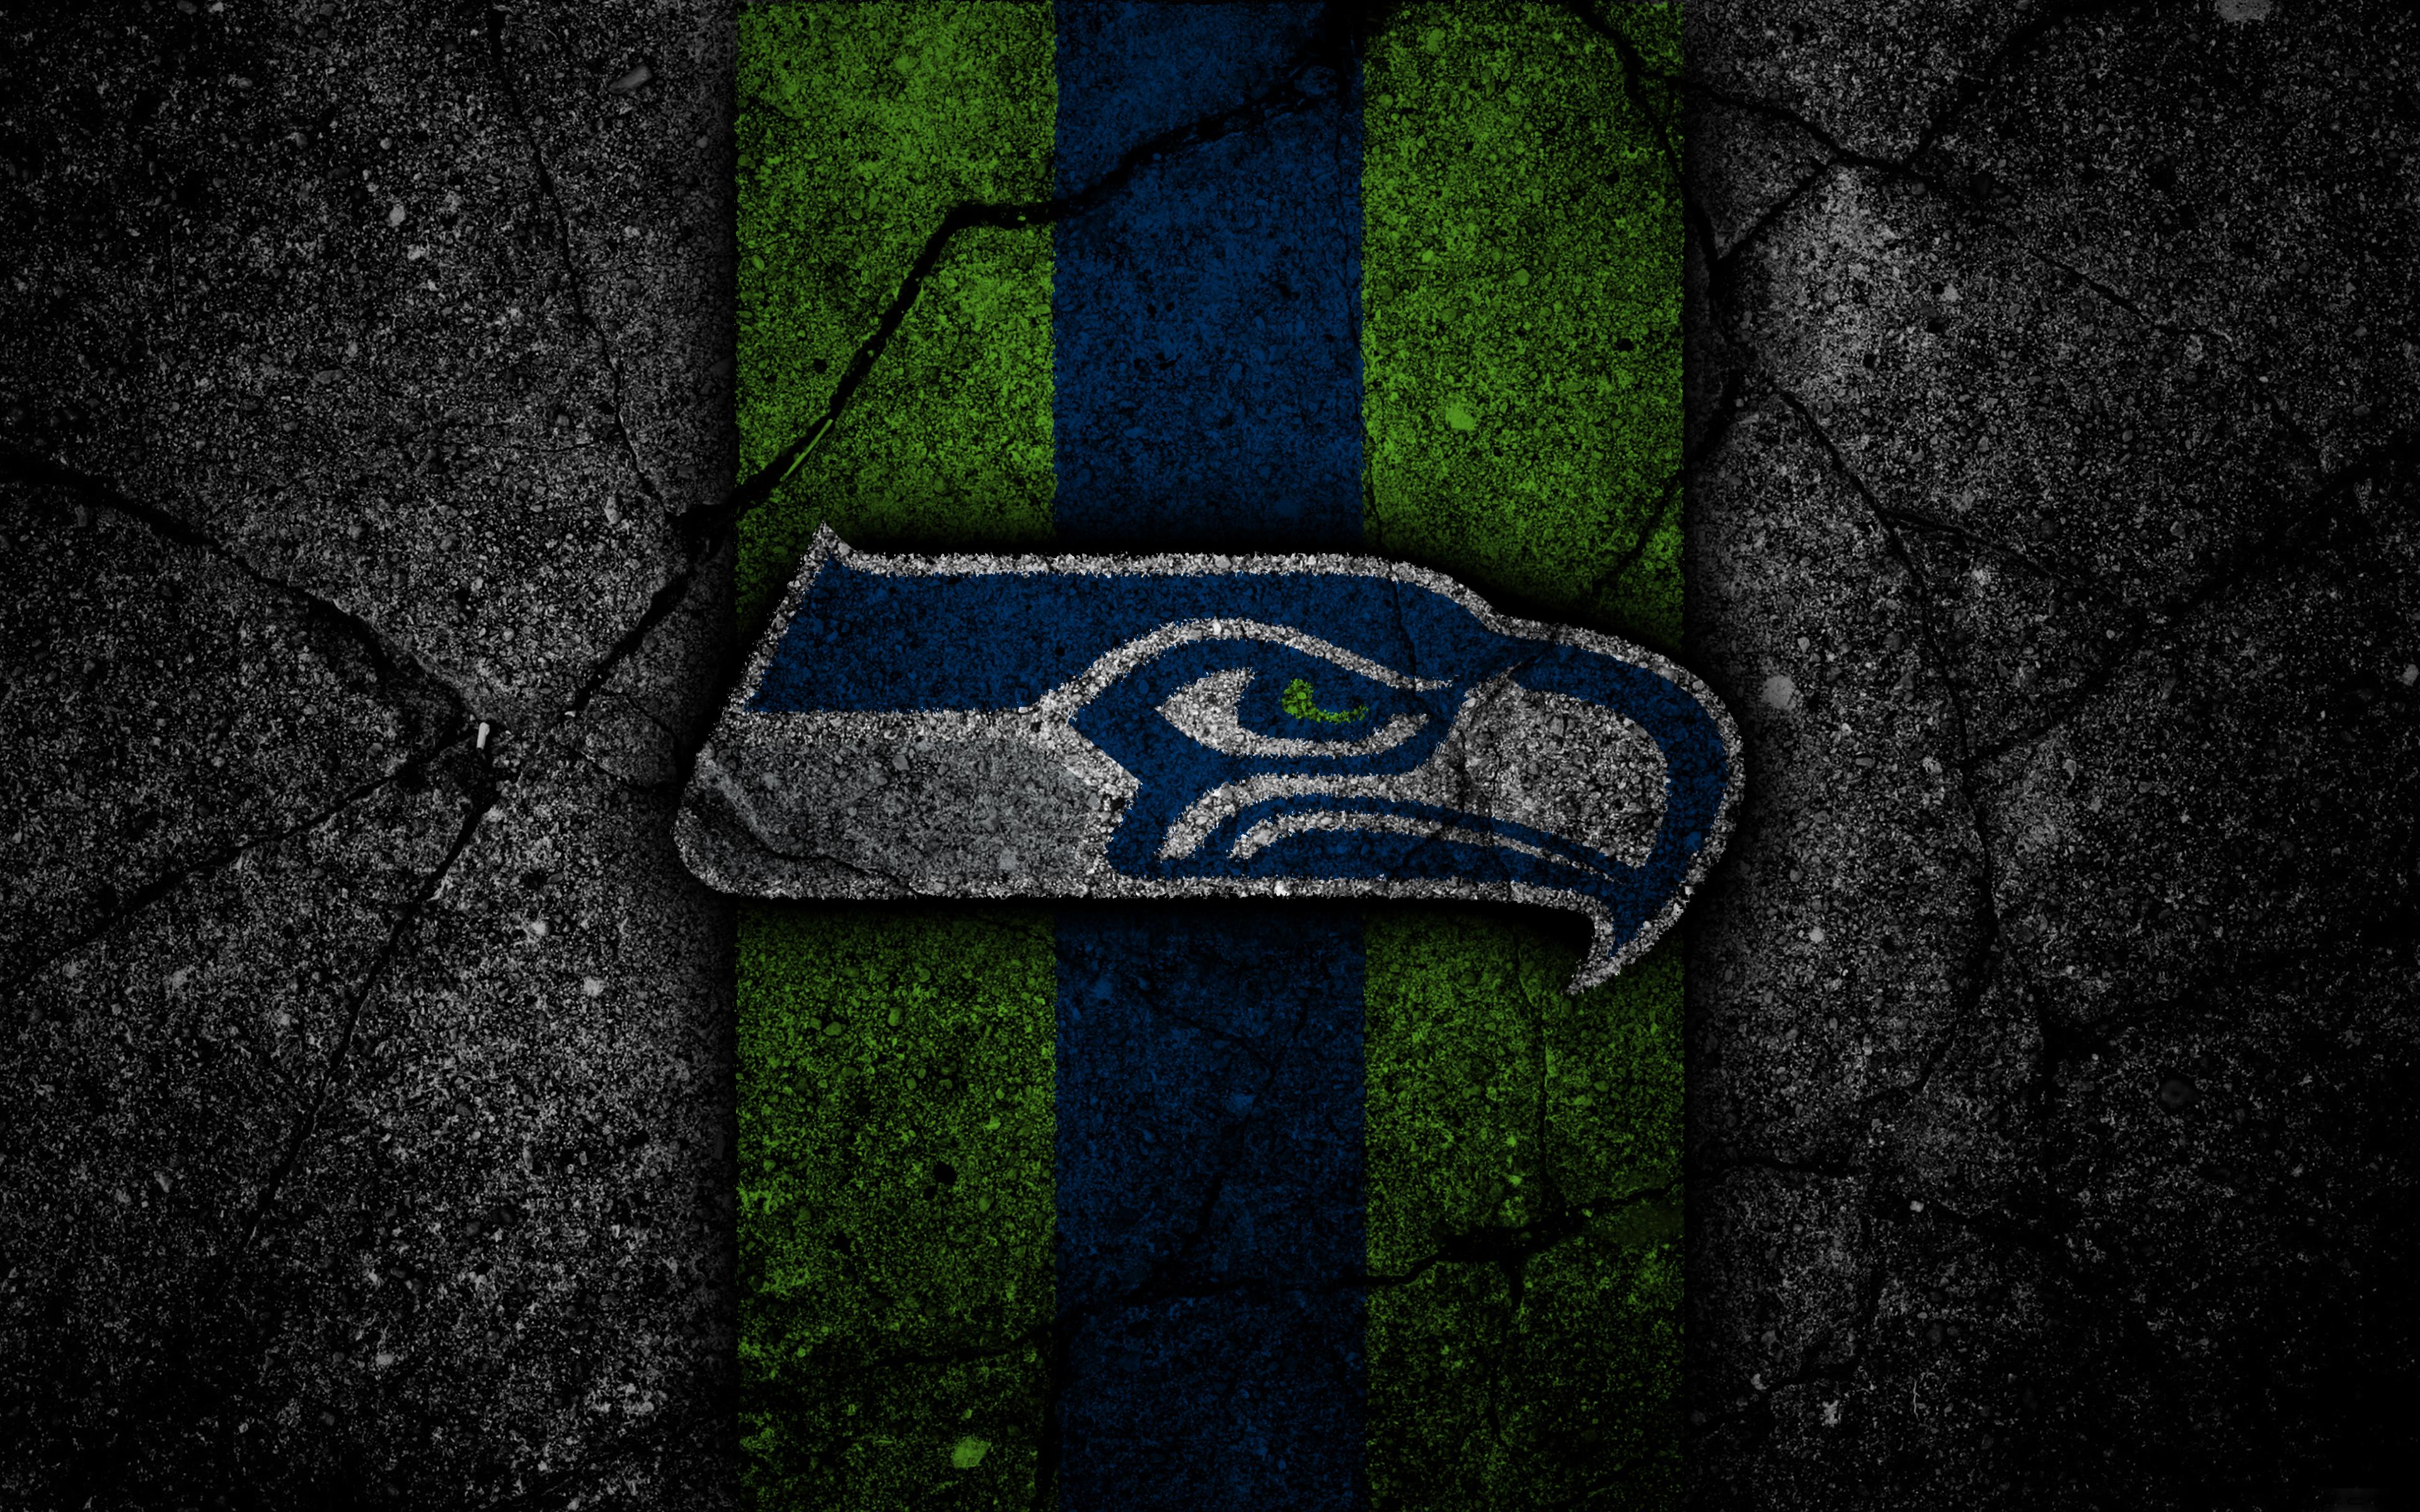 Seattle Seahawks 4k Ultra Hd Wallpaper Background Image 3840x2400 Id 988631 Wallpaper Abyss